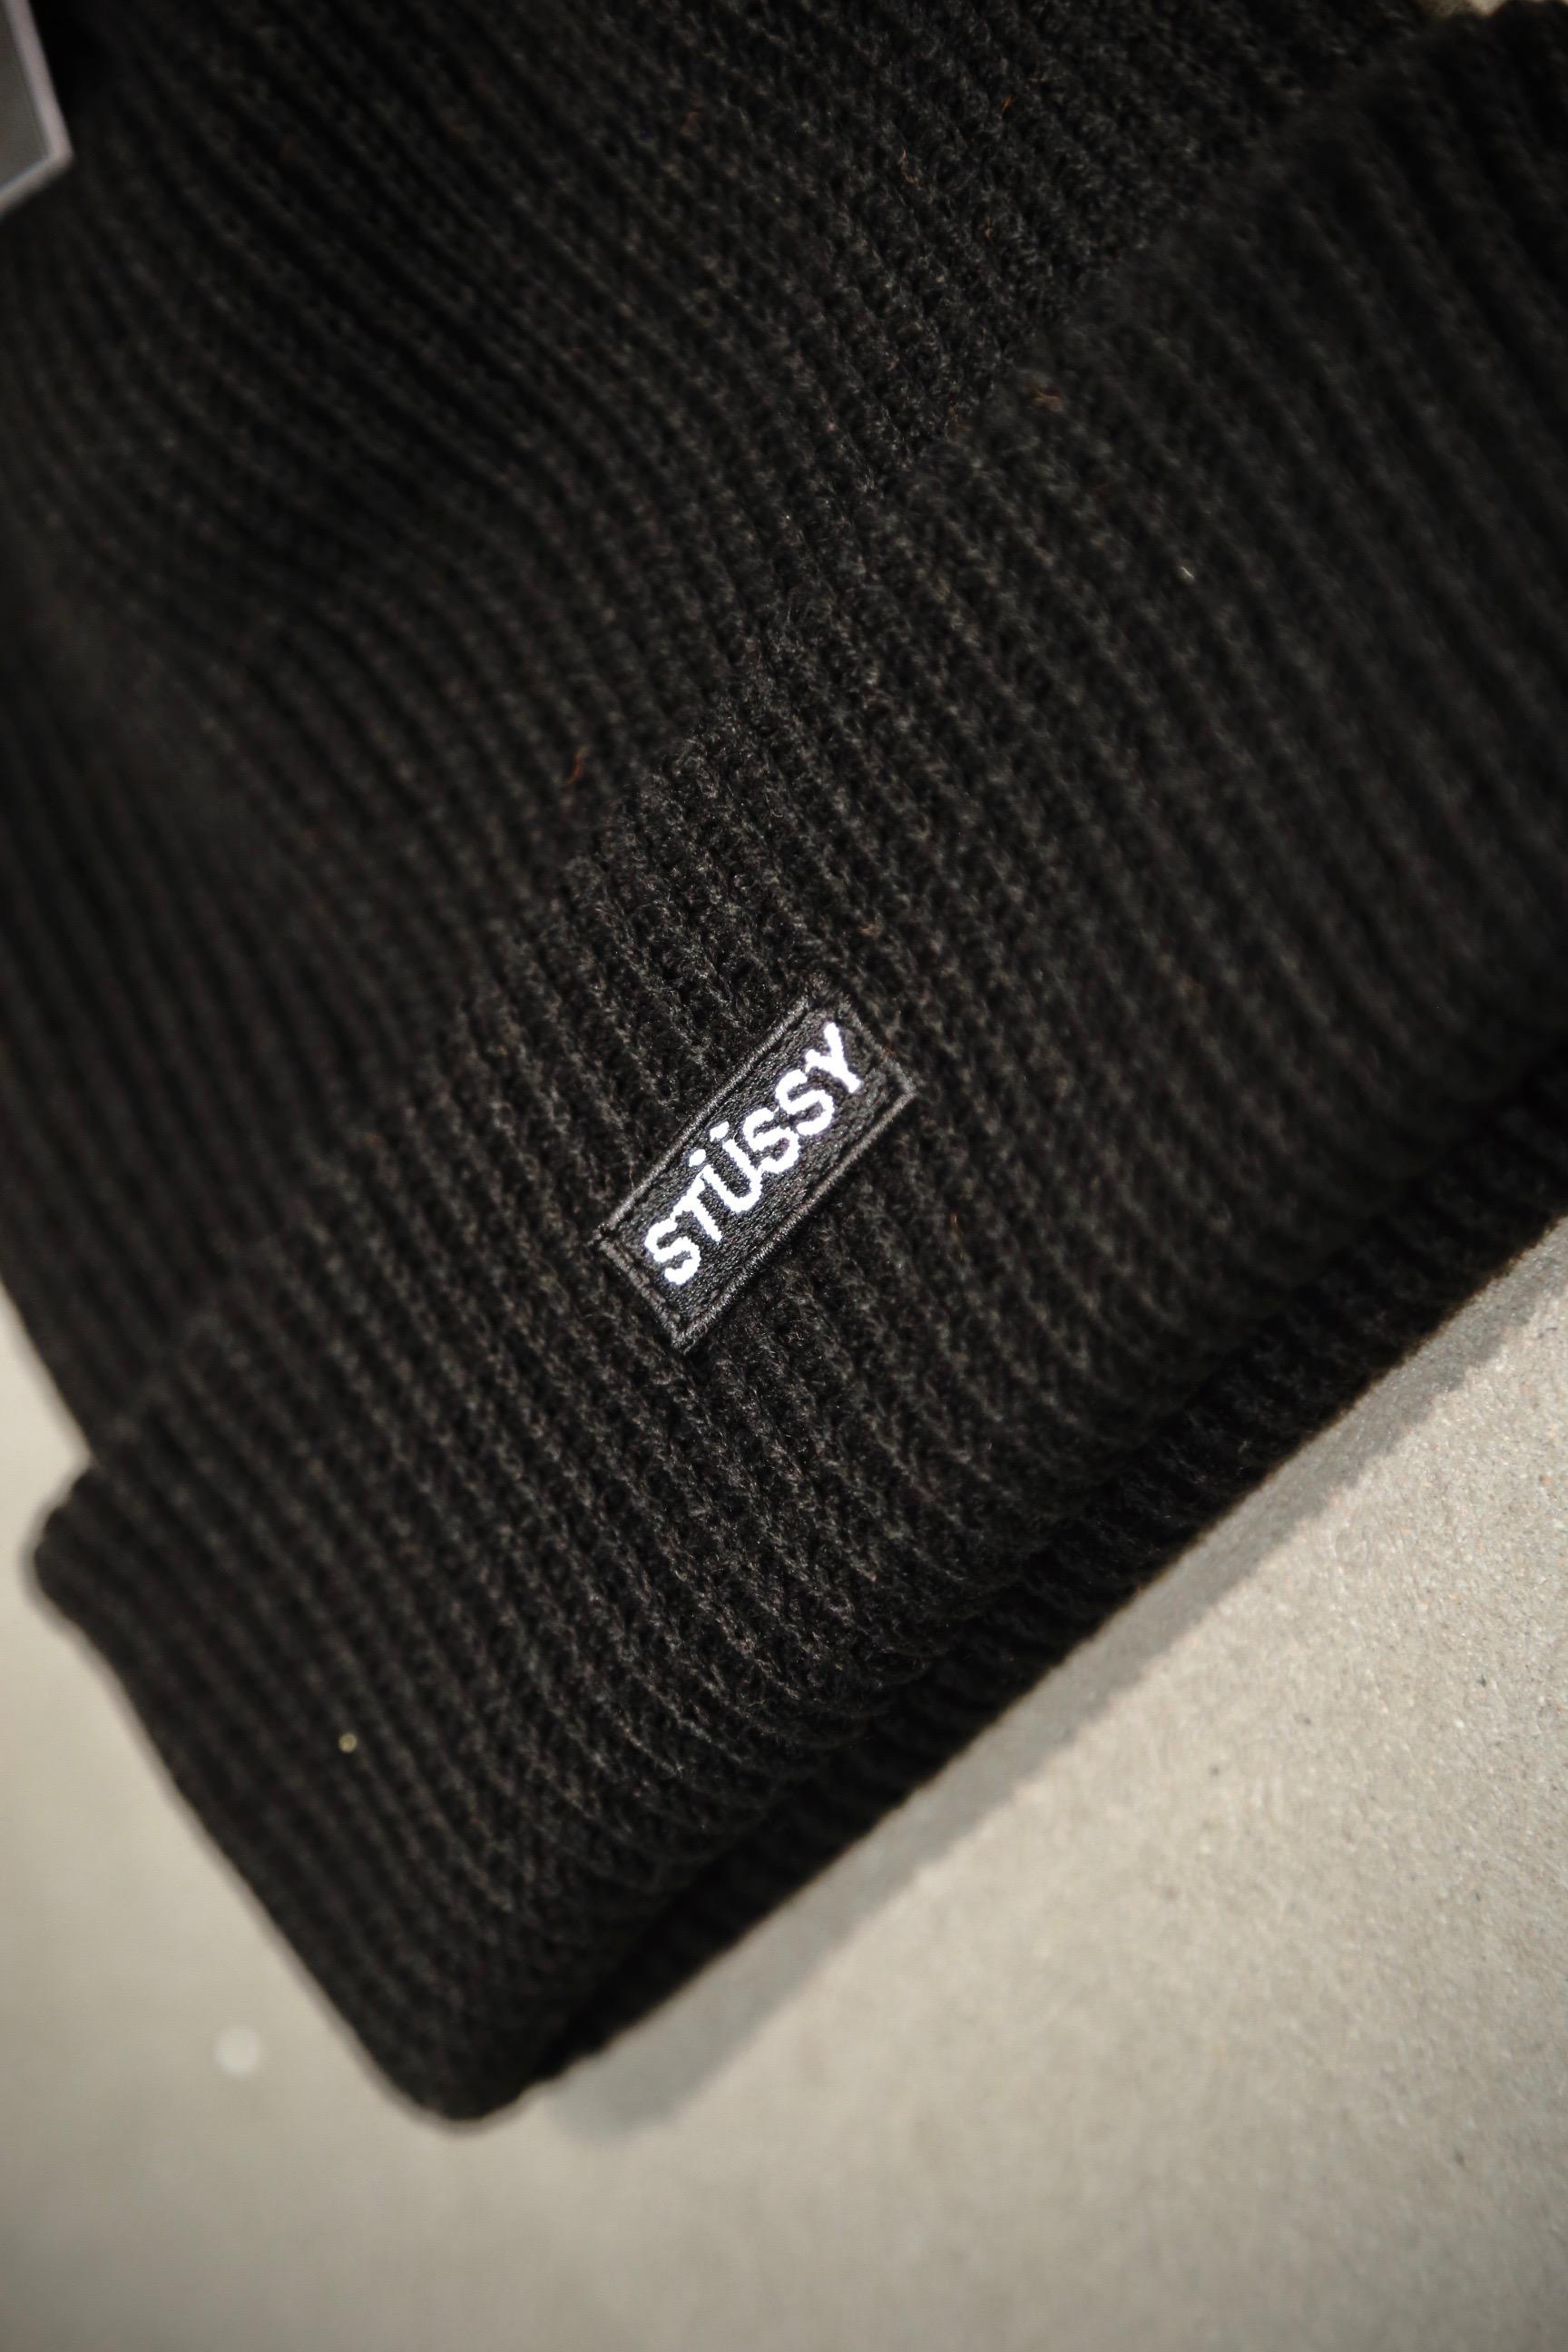 02233efbc75 Stüssy Small Patch Watch Cap Beanie – Black – STASP